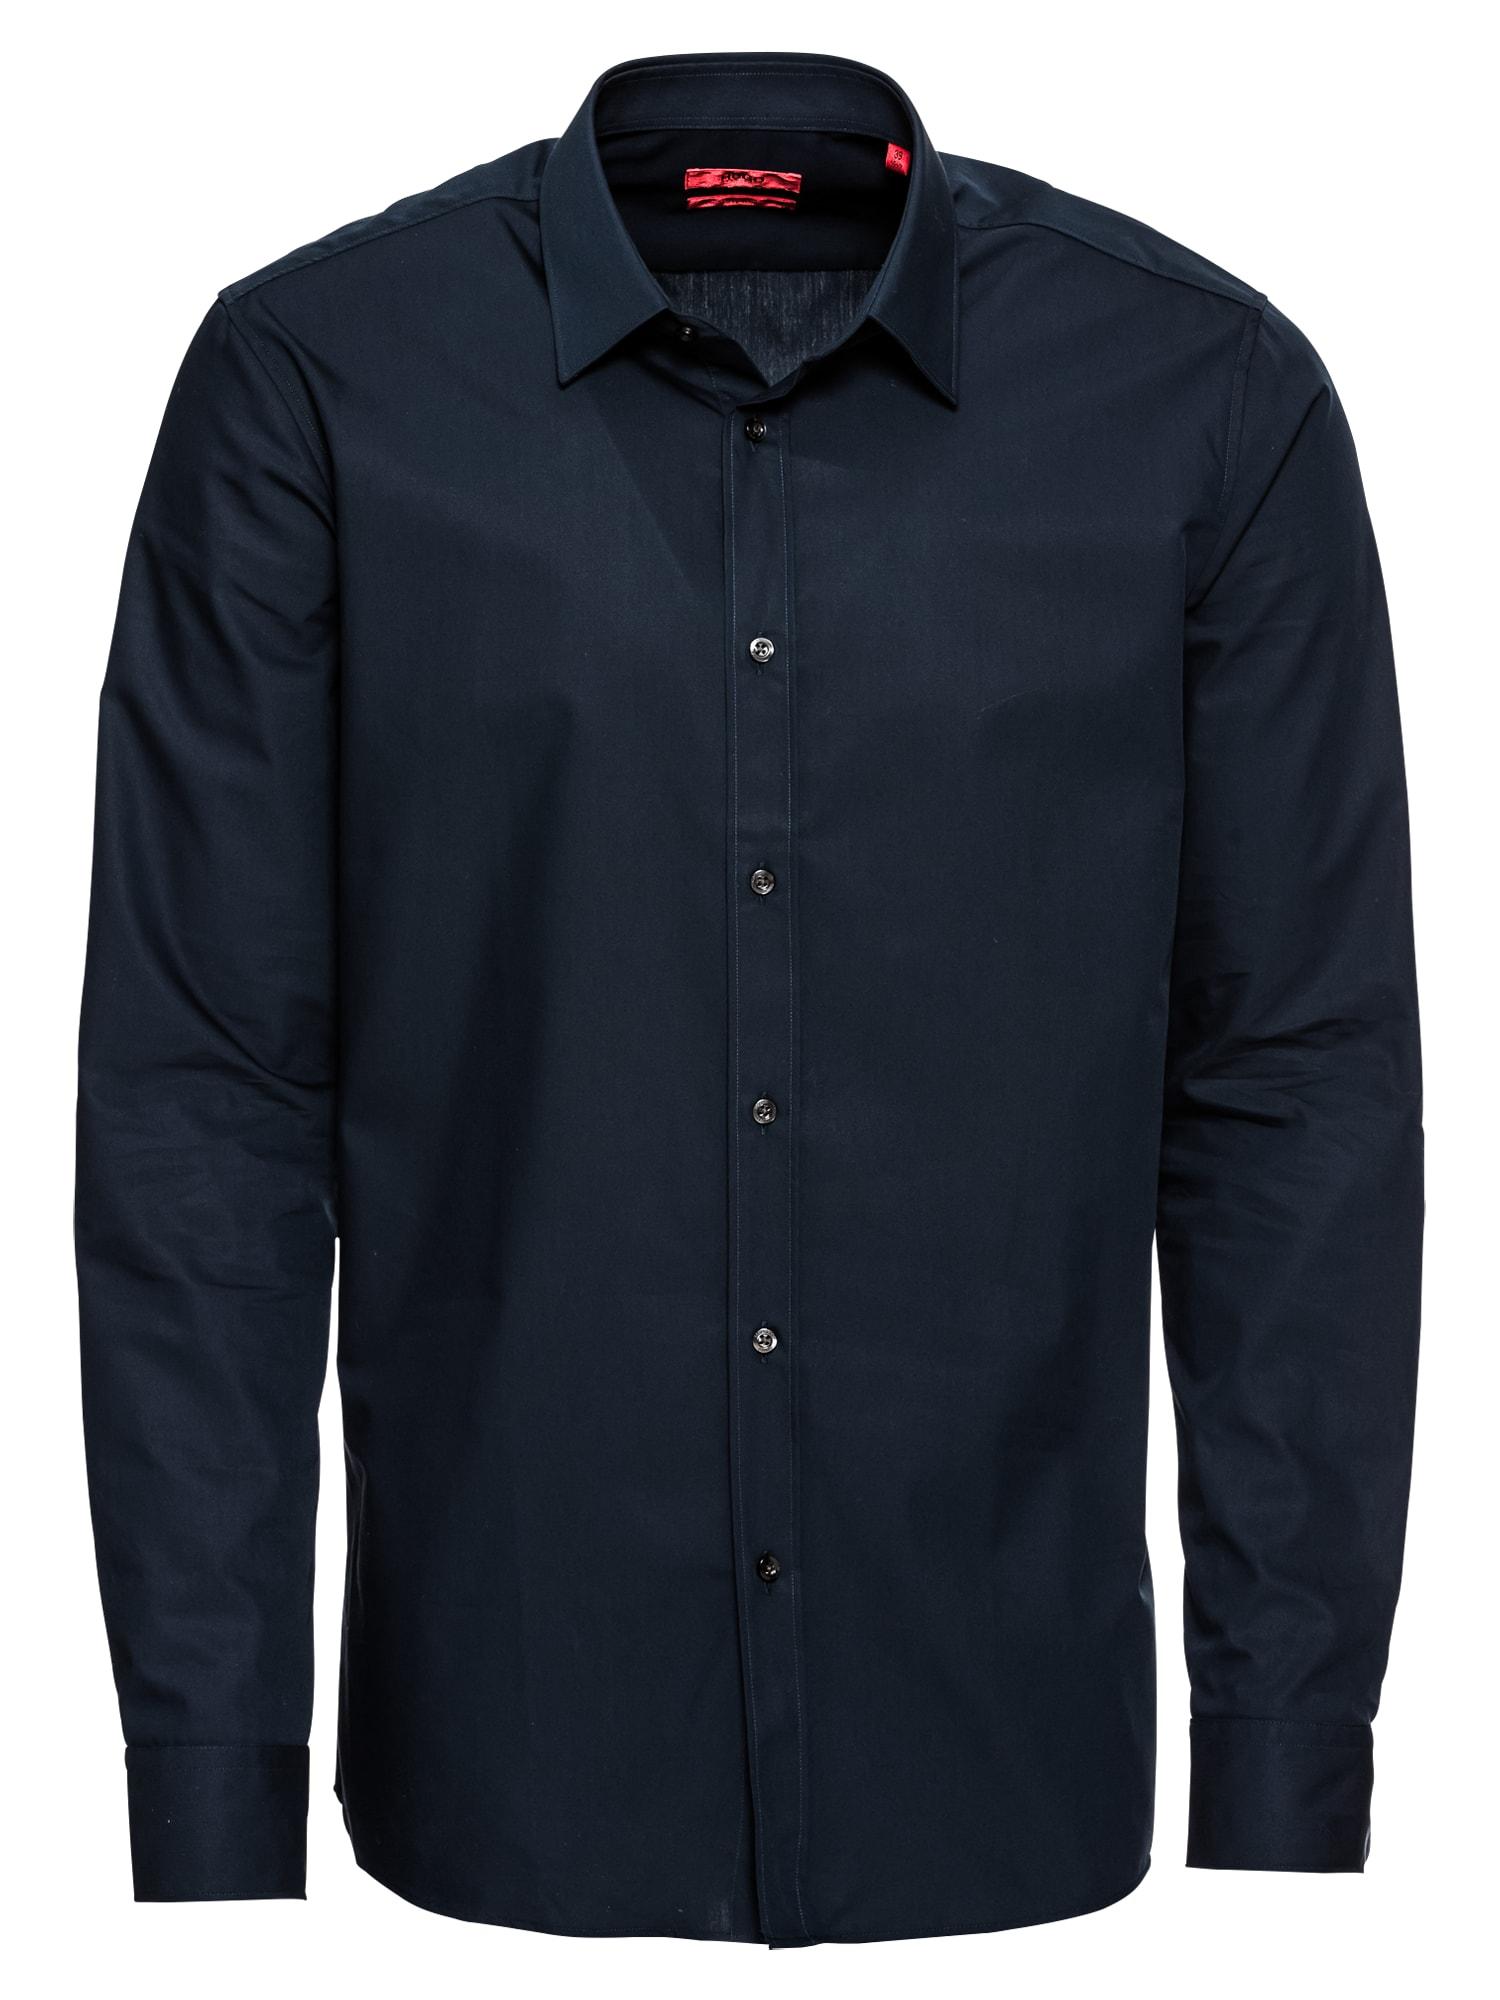 Společenská košile Elisha01 10181991 04 námořnická modř HUGO